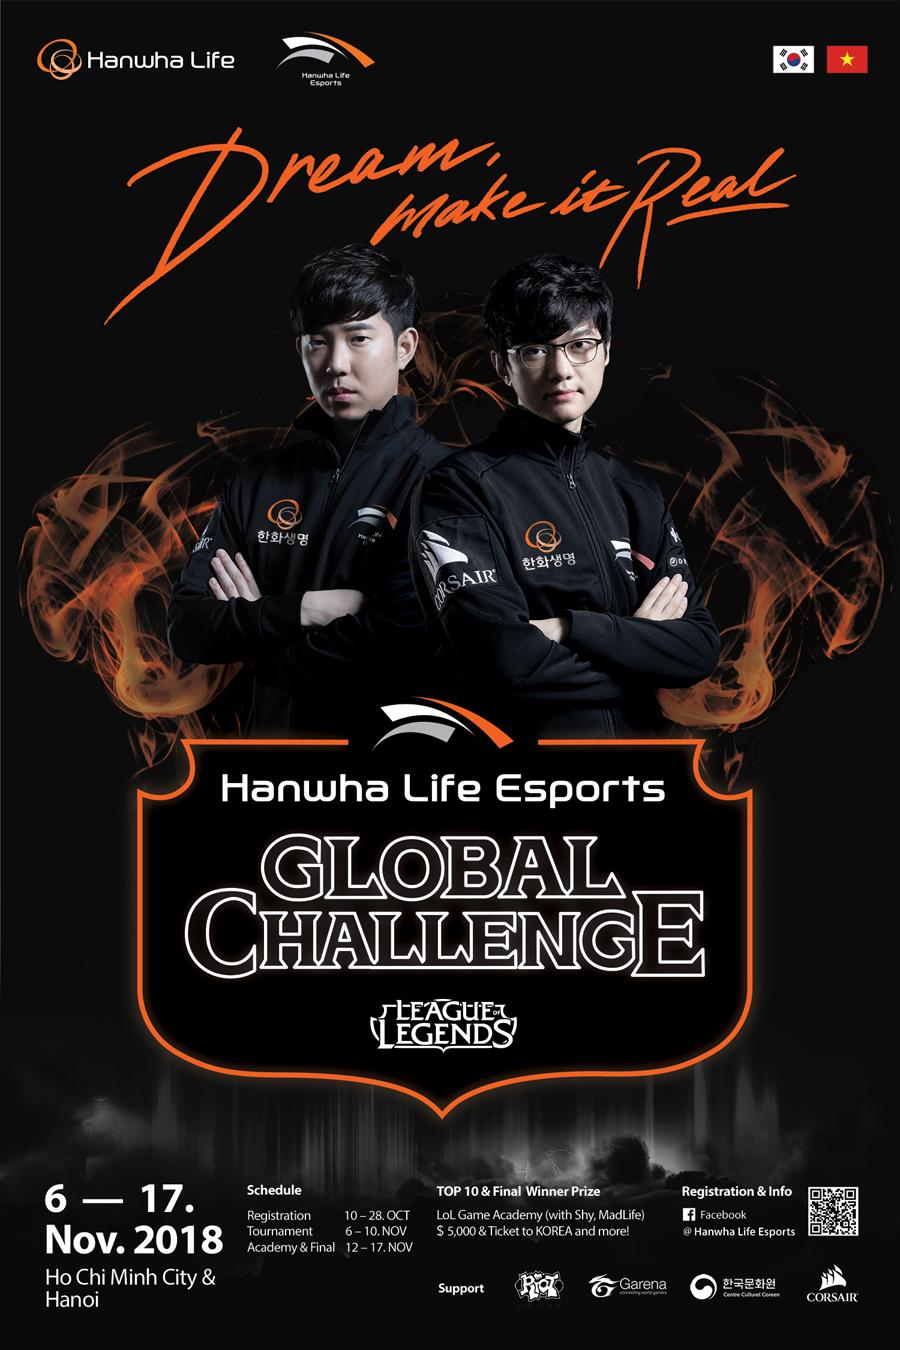 Một doanh nghiệp Hàn Quốc sắp đứng ra tổ chức giải đấu E-sports tại Việt Nam trong tháng 10 này 0